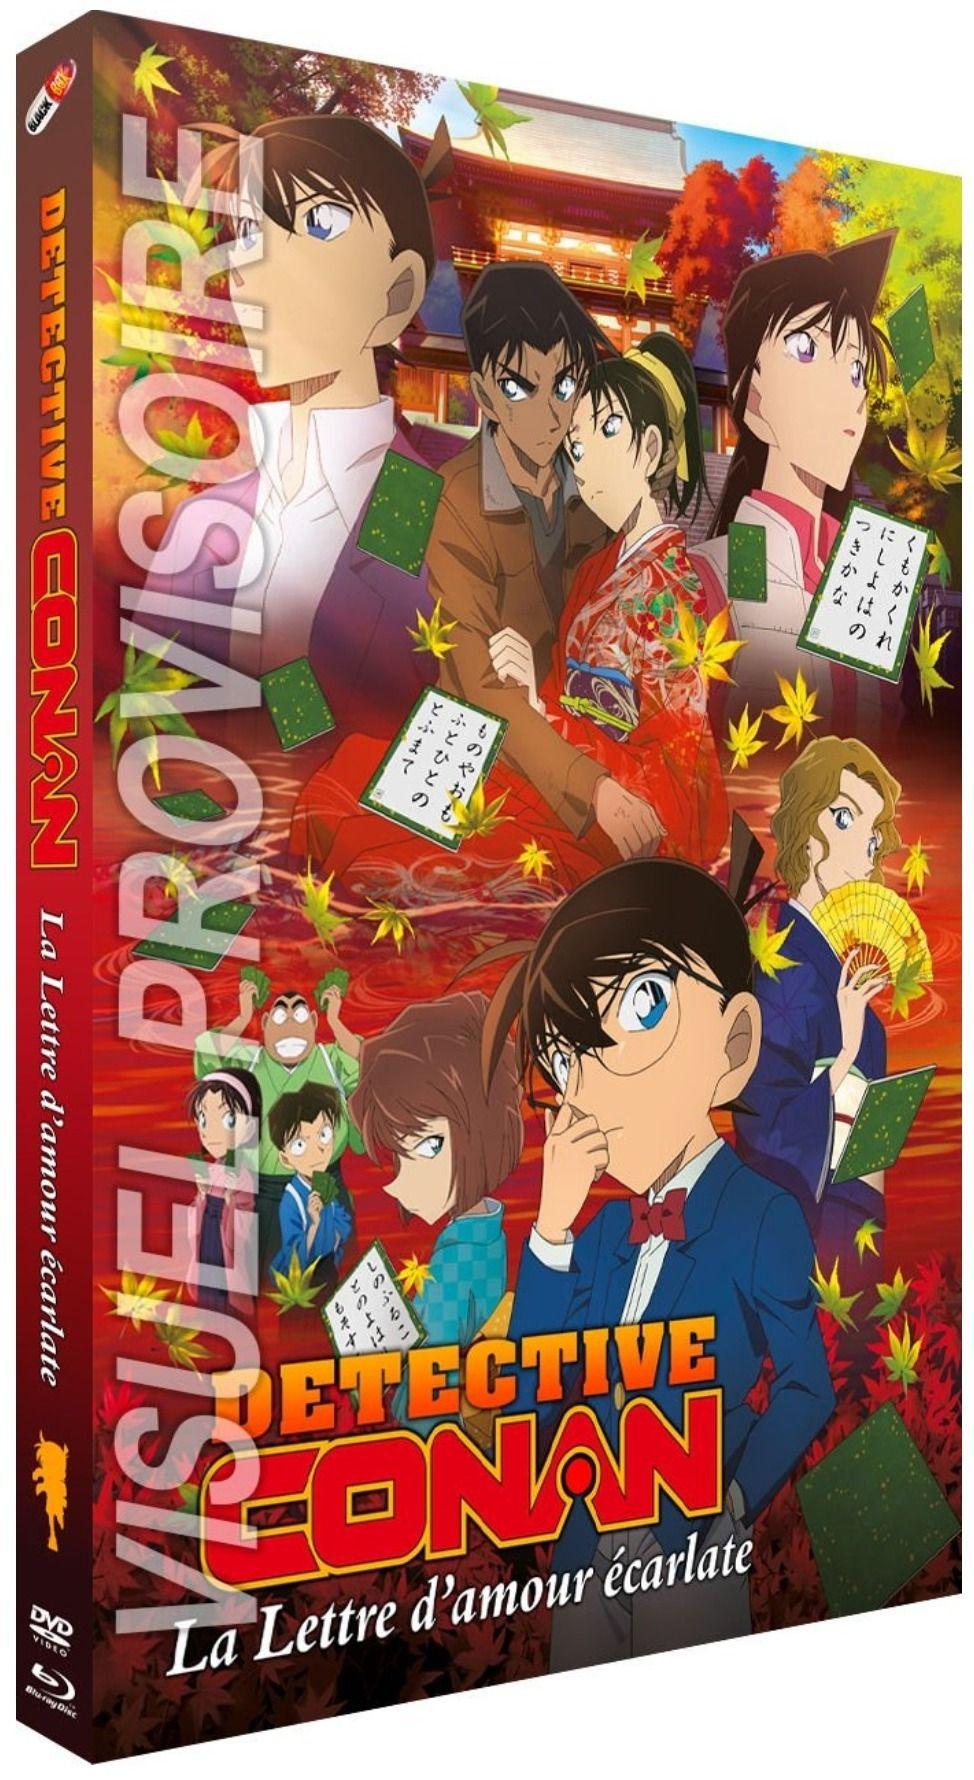 Détective Conan - Film 21 : La lettre d'amour écarlate - Combo Blu-ray + DVD